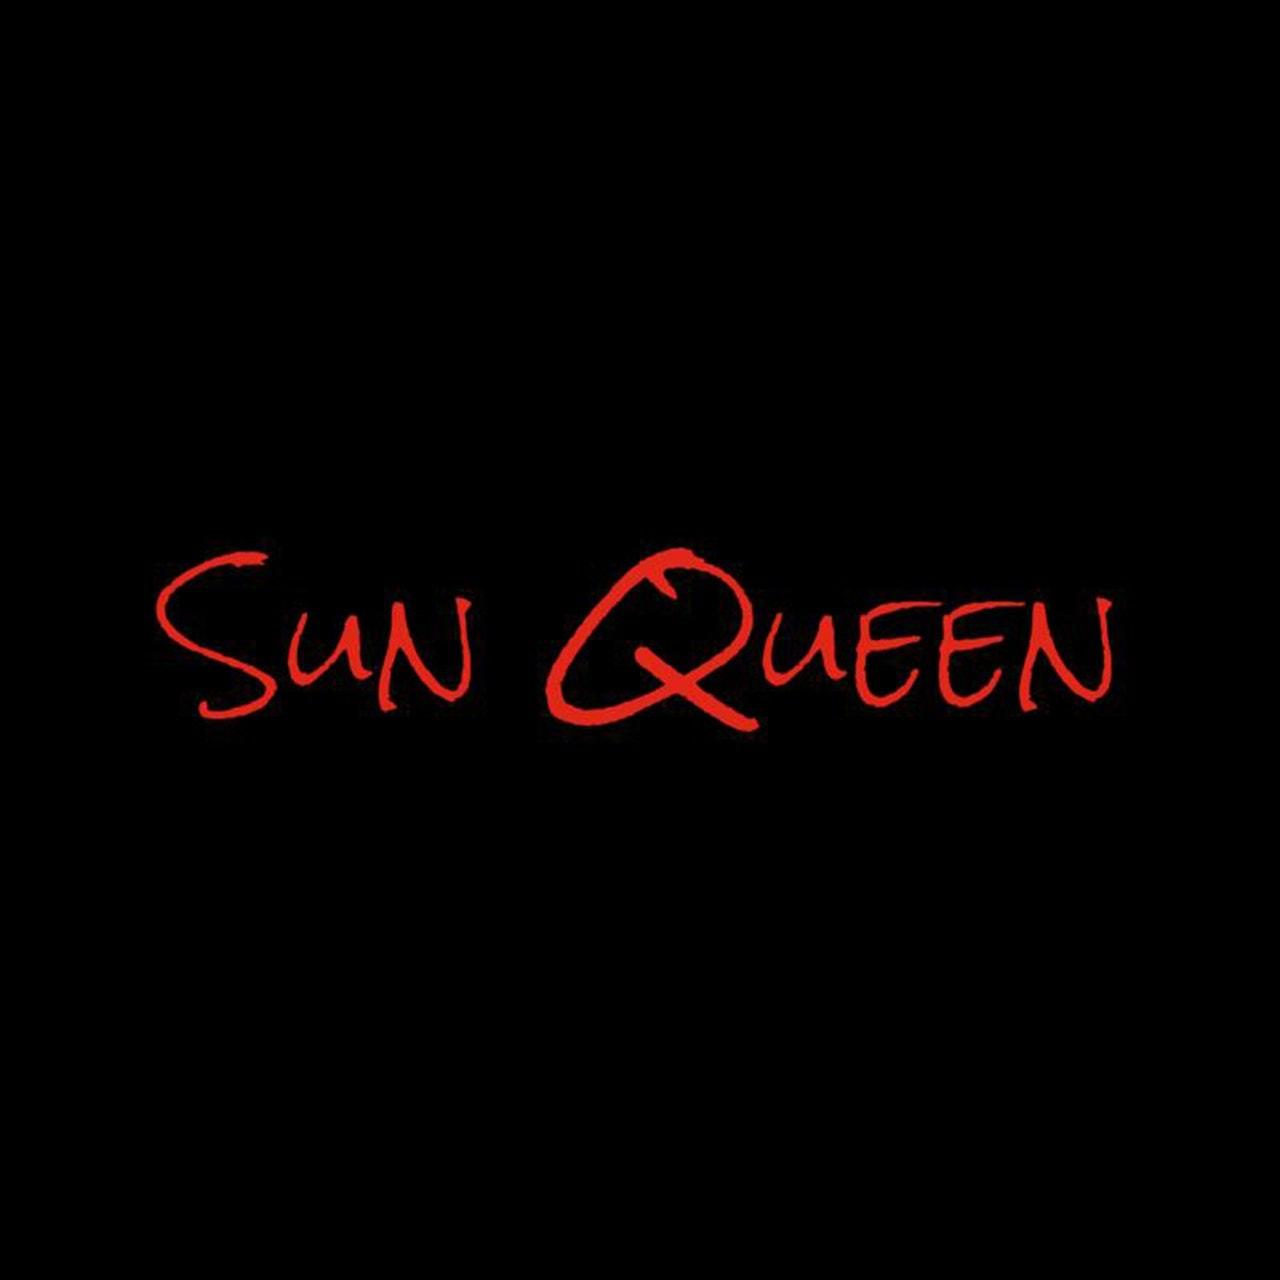 Sun Queen - 1